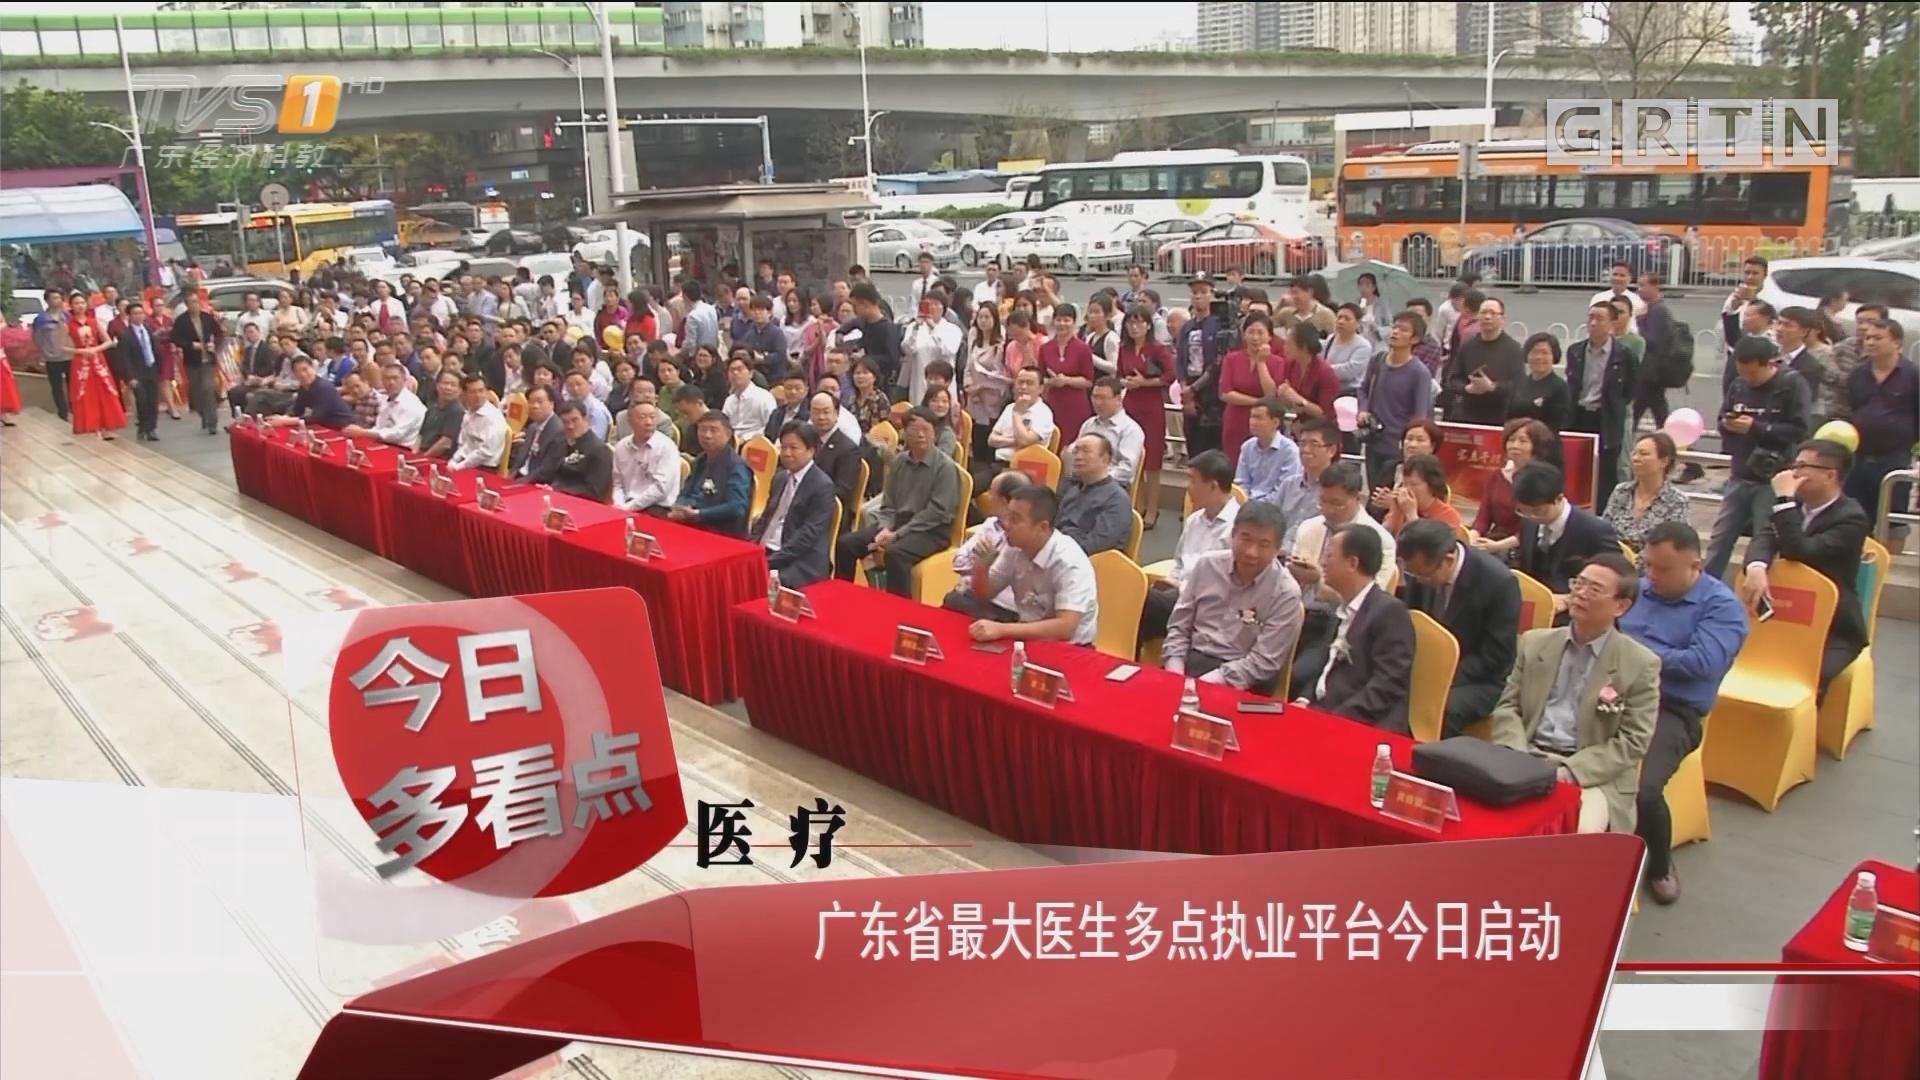 医疗:广东省最大医生多点执业平台今日启动